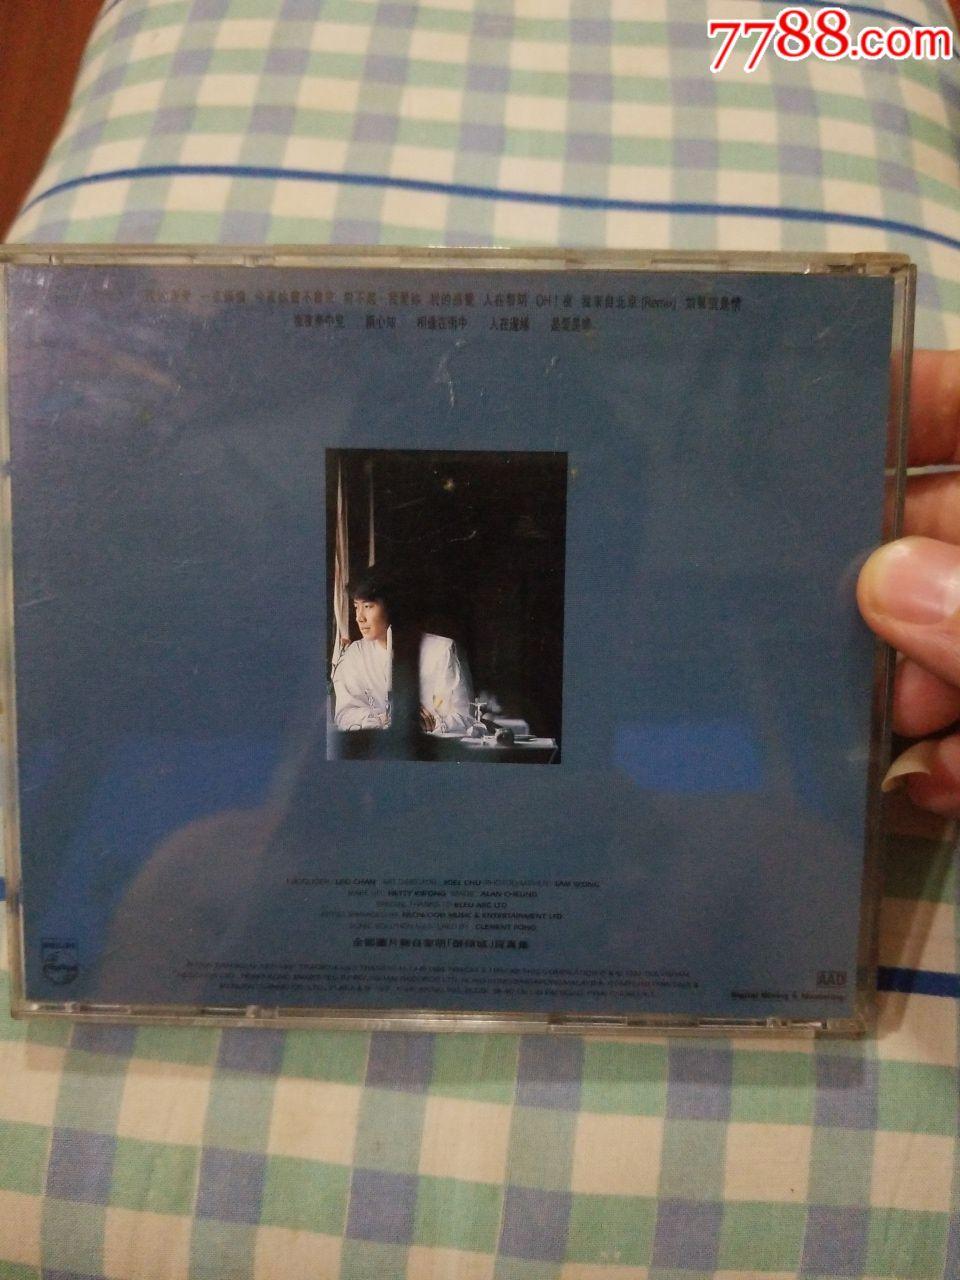 黎明港�_正版cd(au20776099)_